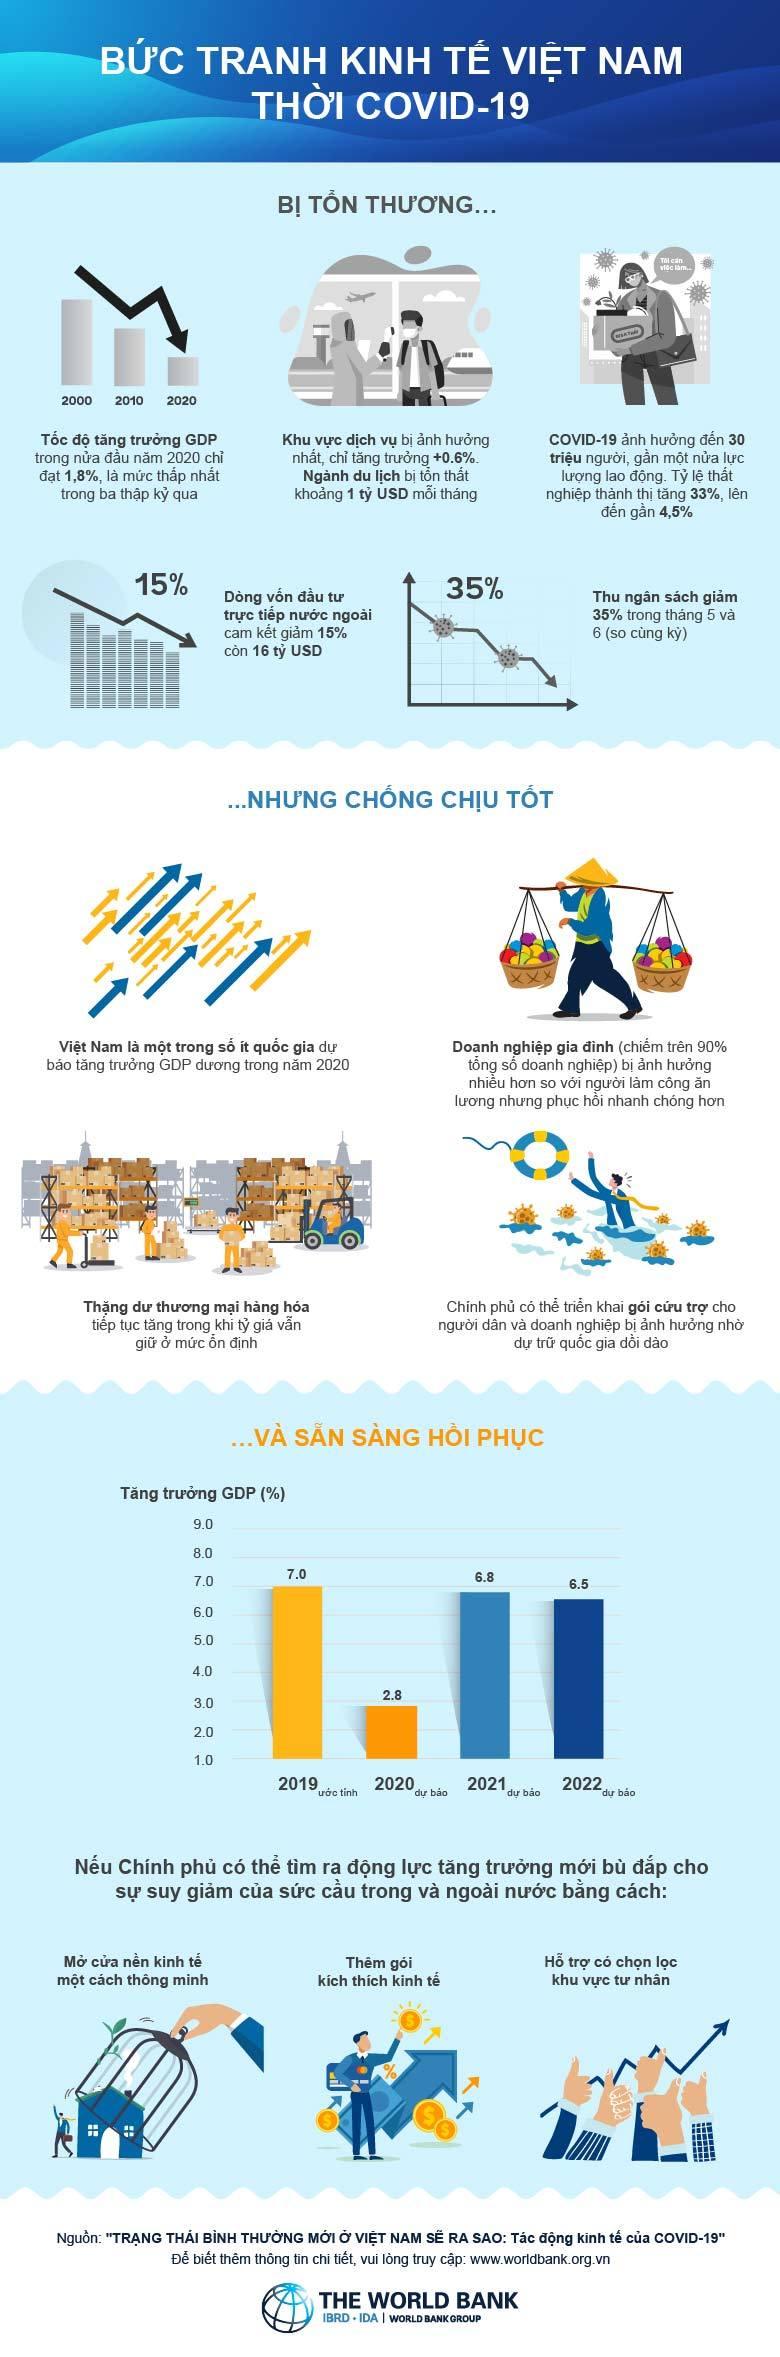 Vượt qua thách thức, cơ hội đặc biệt đến với Việt Nam